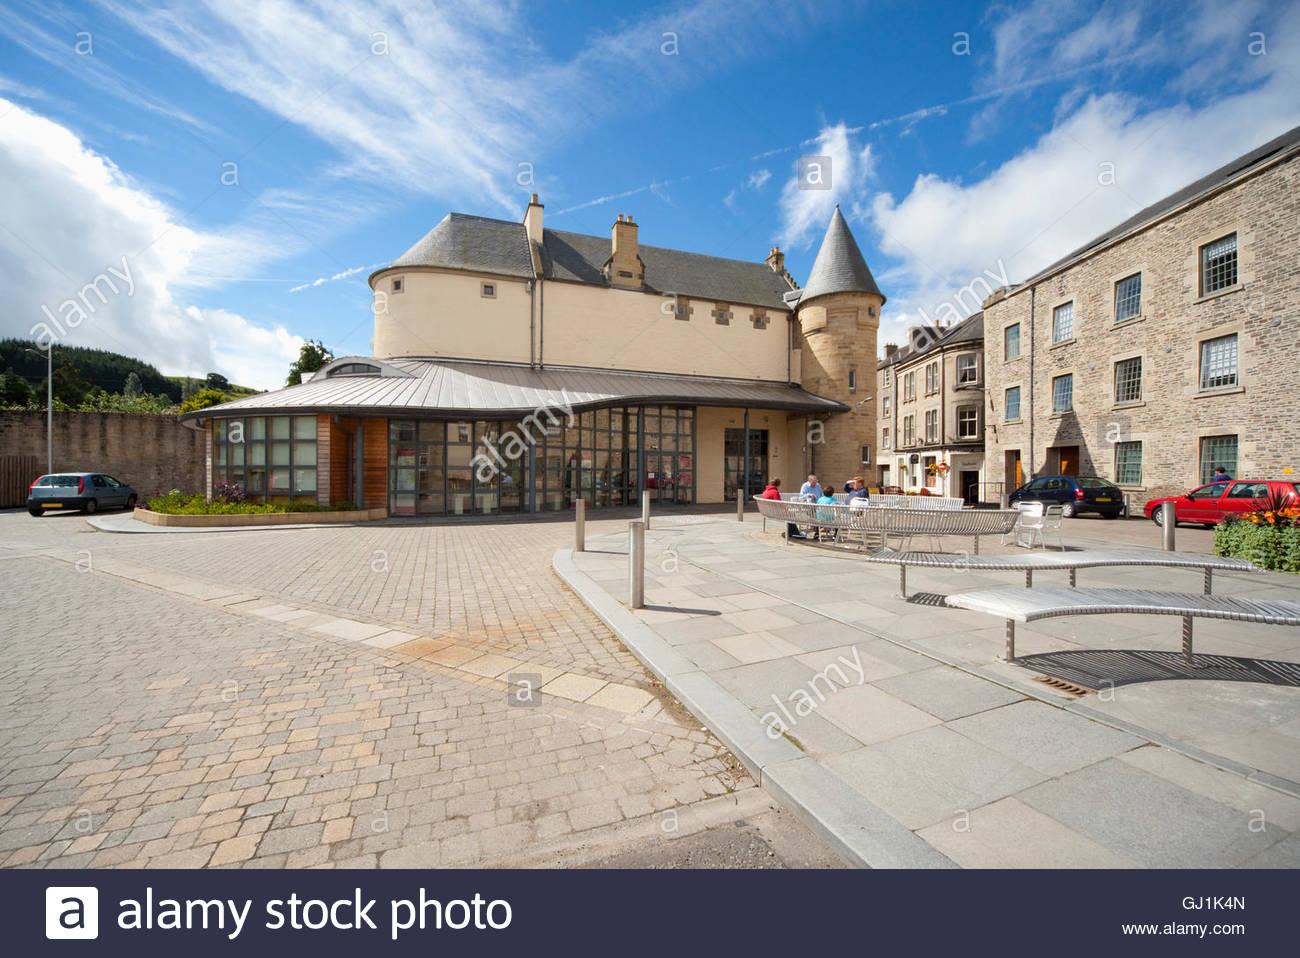 El patrimonio Hub, el Scottish Borders Archive y Centro de Historia Local, Hawick, Scottish Borders, Escocia. Imagen De Stock